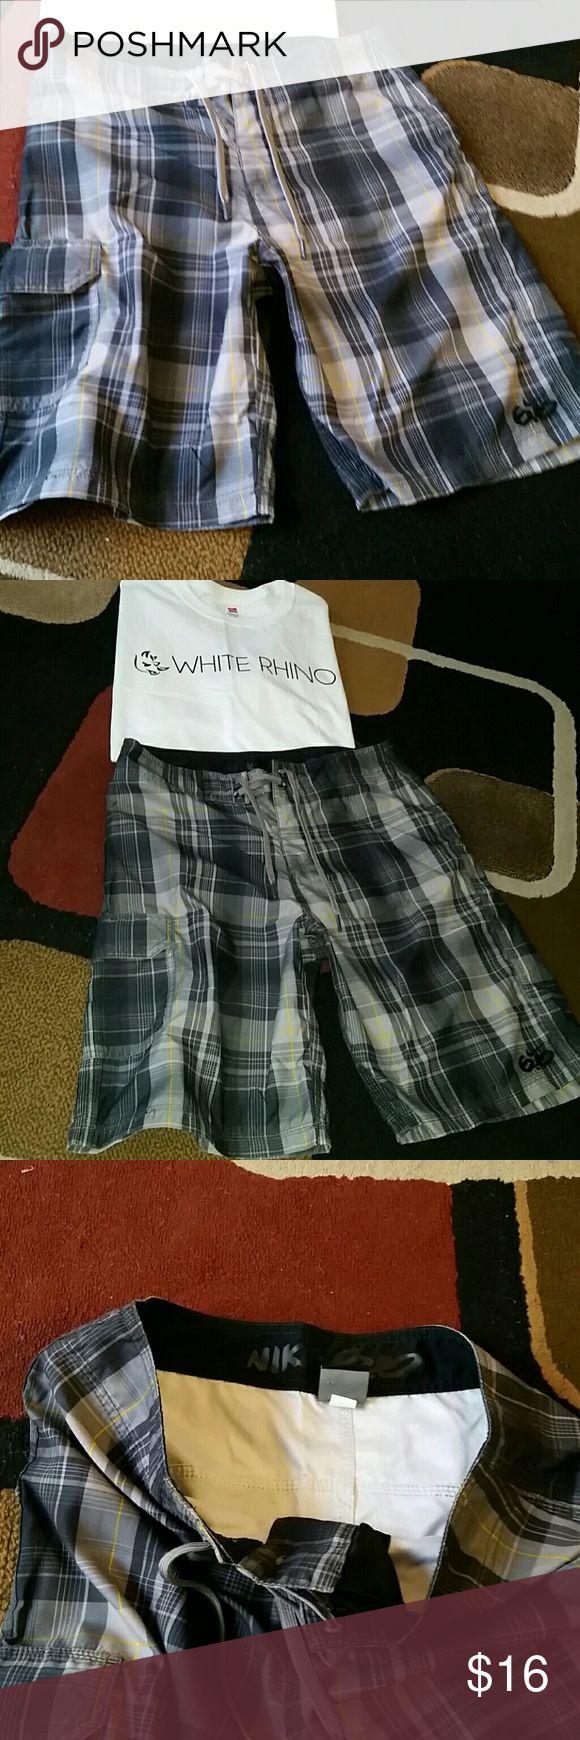 Nike 6.0 board/skate shorts size 30 Medium Like new, size 30 waist board style shorts, no liner Nike Shorts Athletic